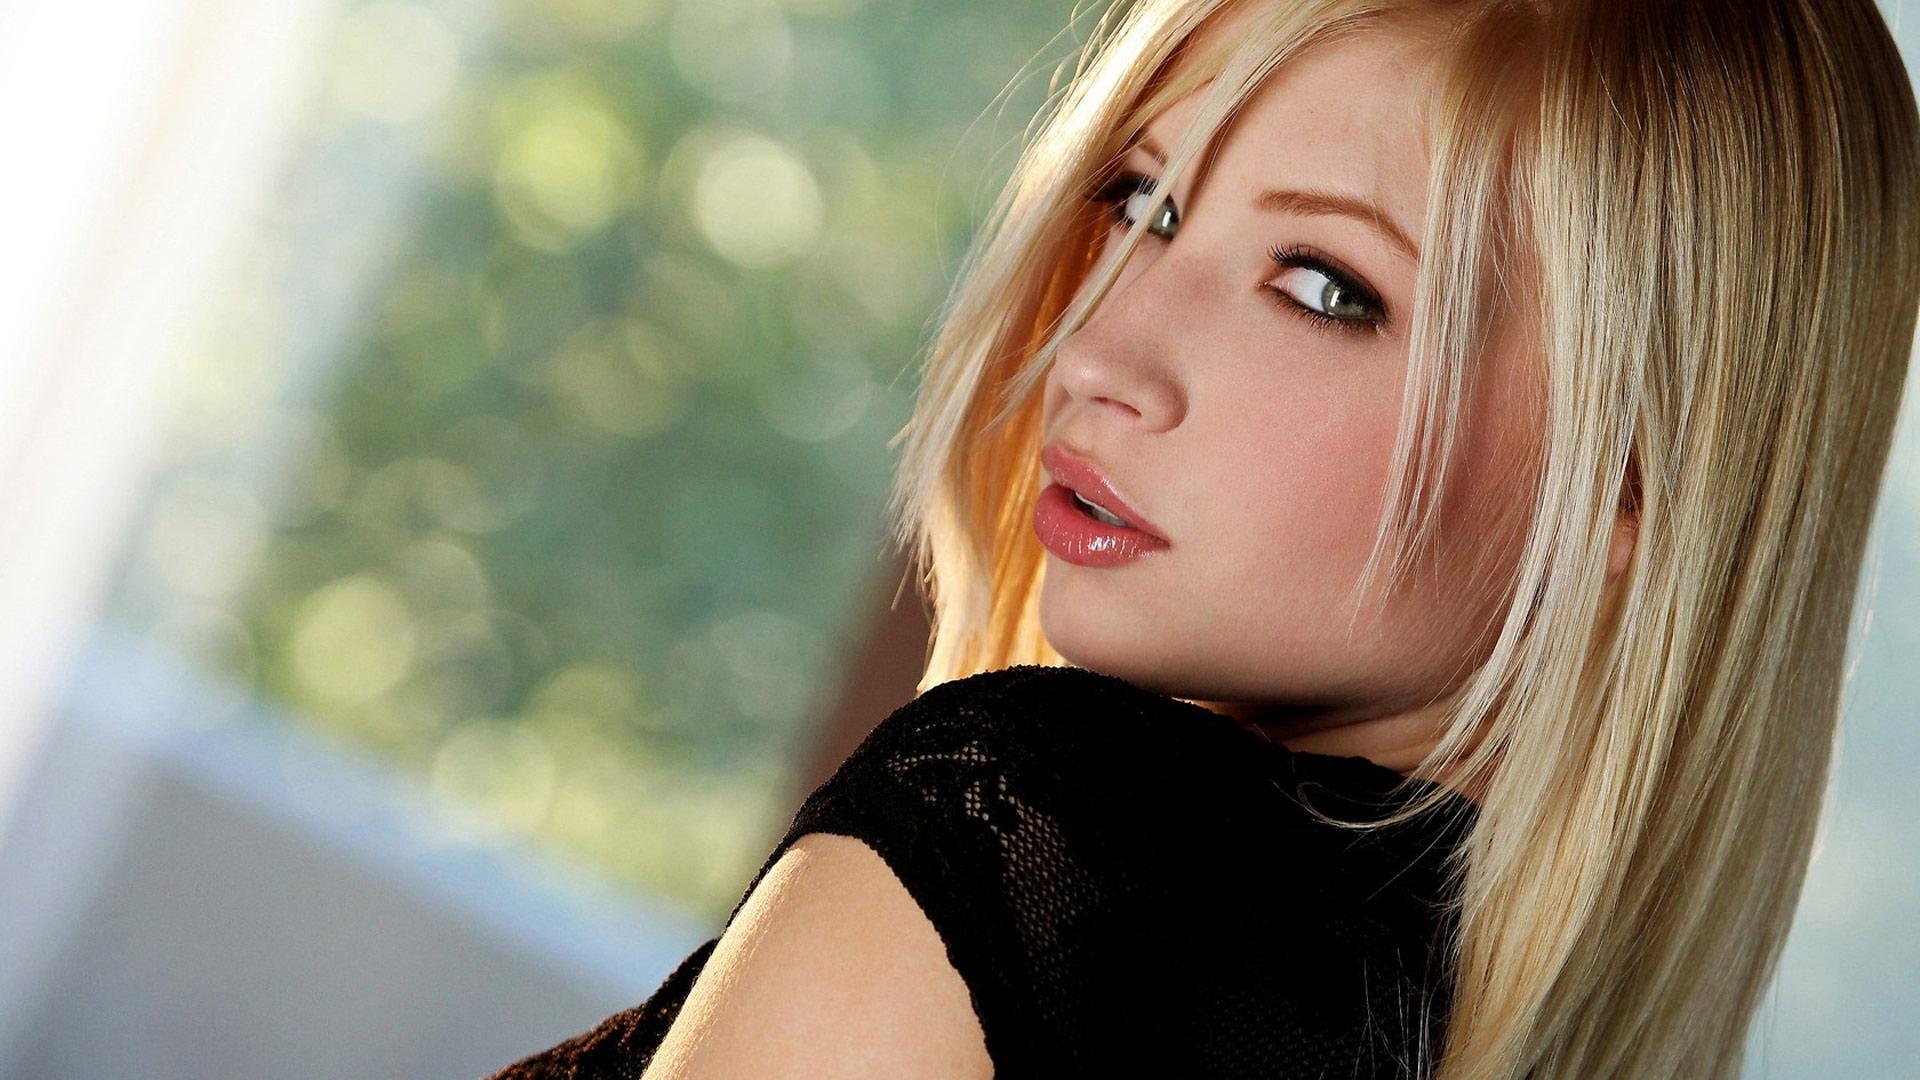 только красивые девушки видео онлайн полки, свешивалась